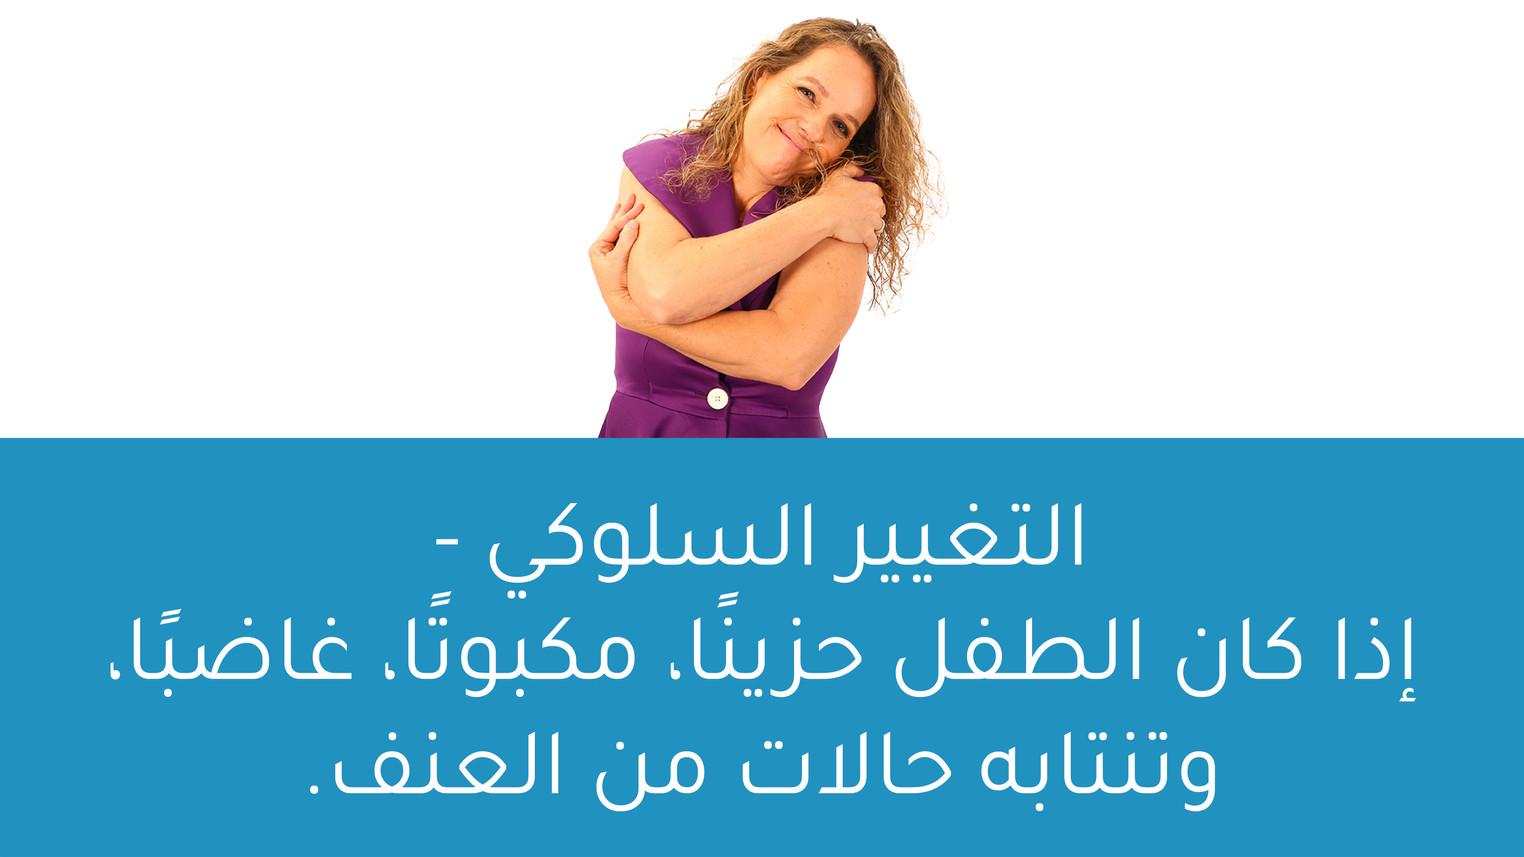 1-التغيير السلوكي - إذا كان الطفل حزينًا